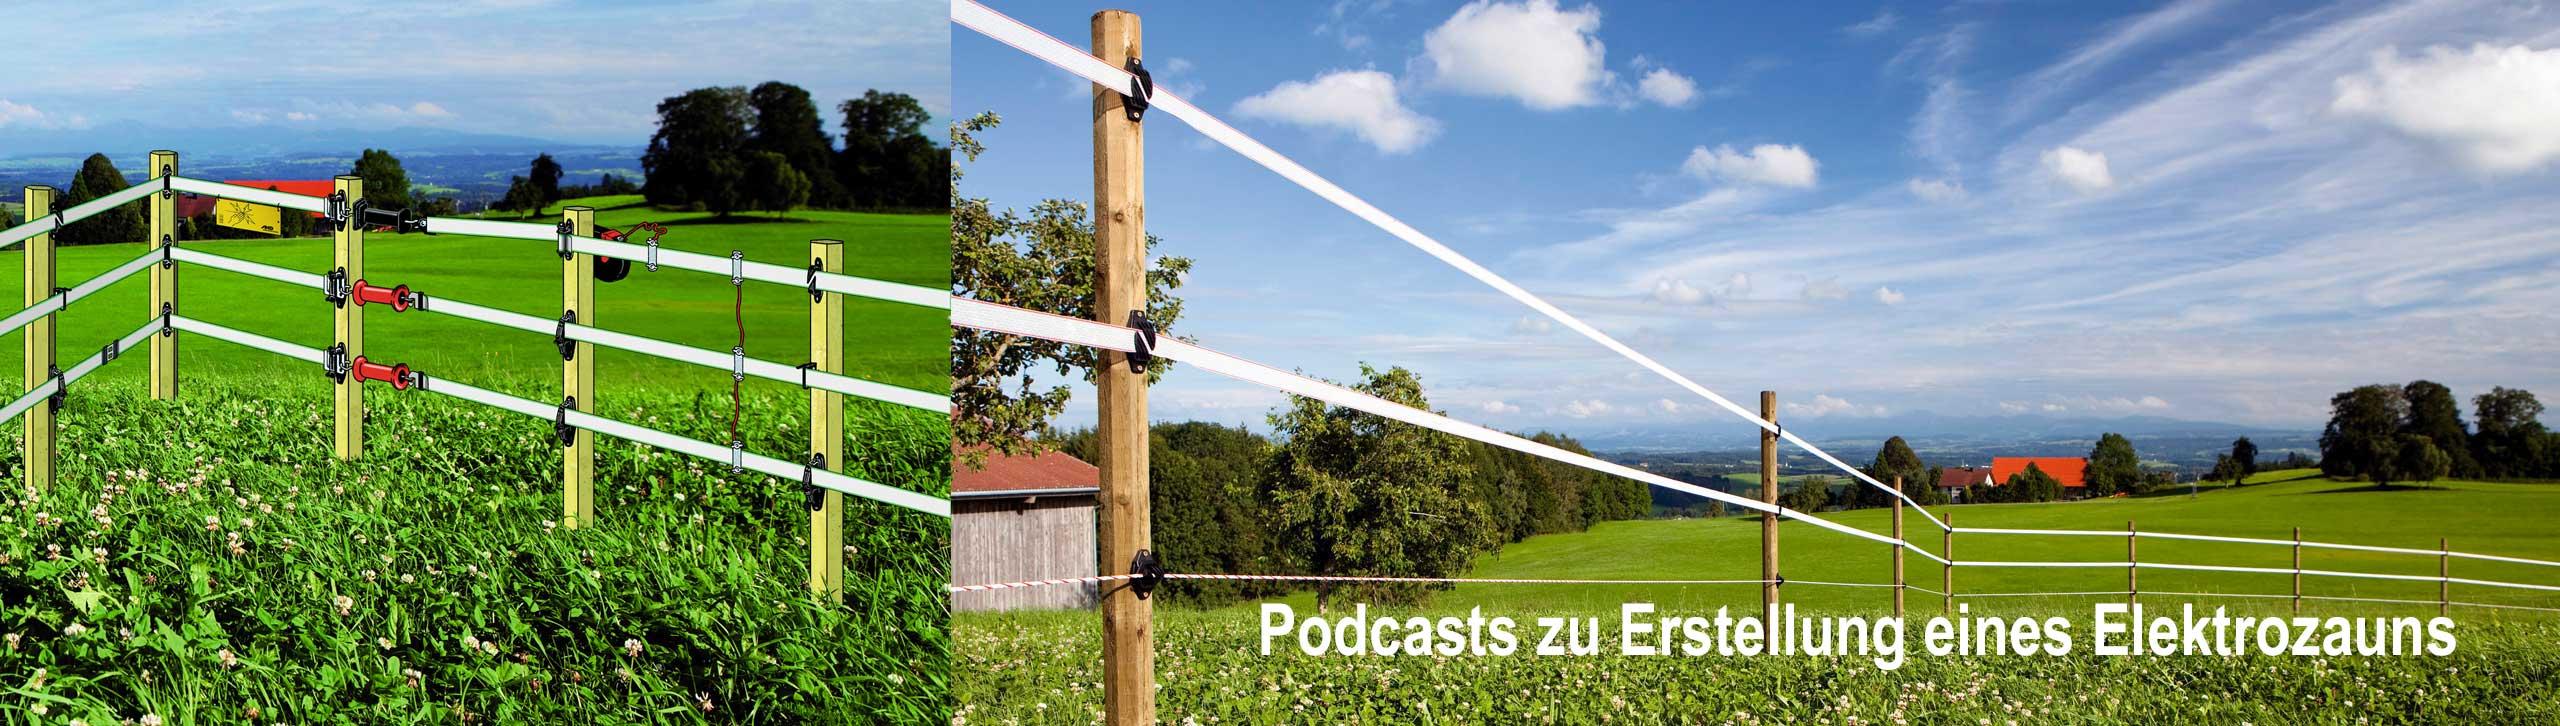 Mediathek - Elektrozaun